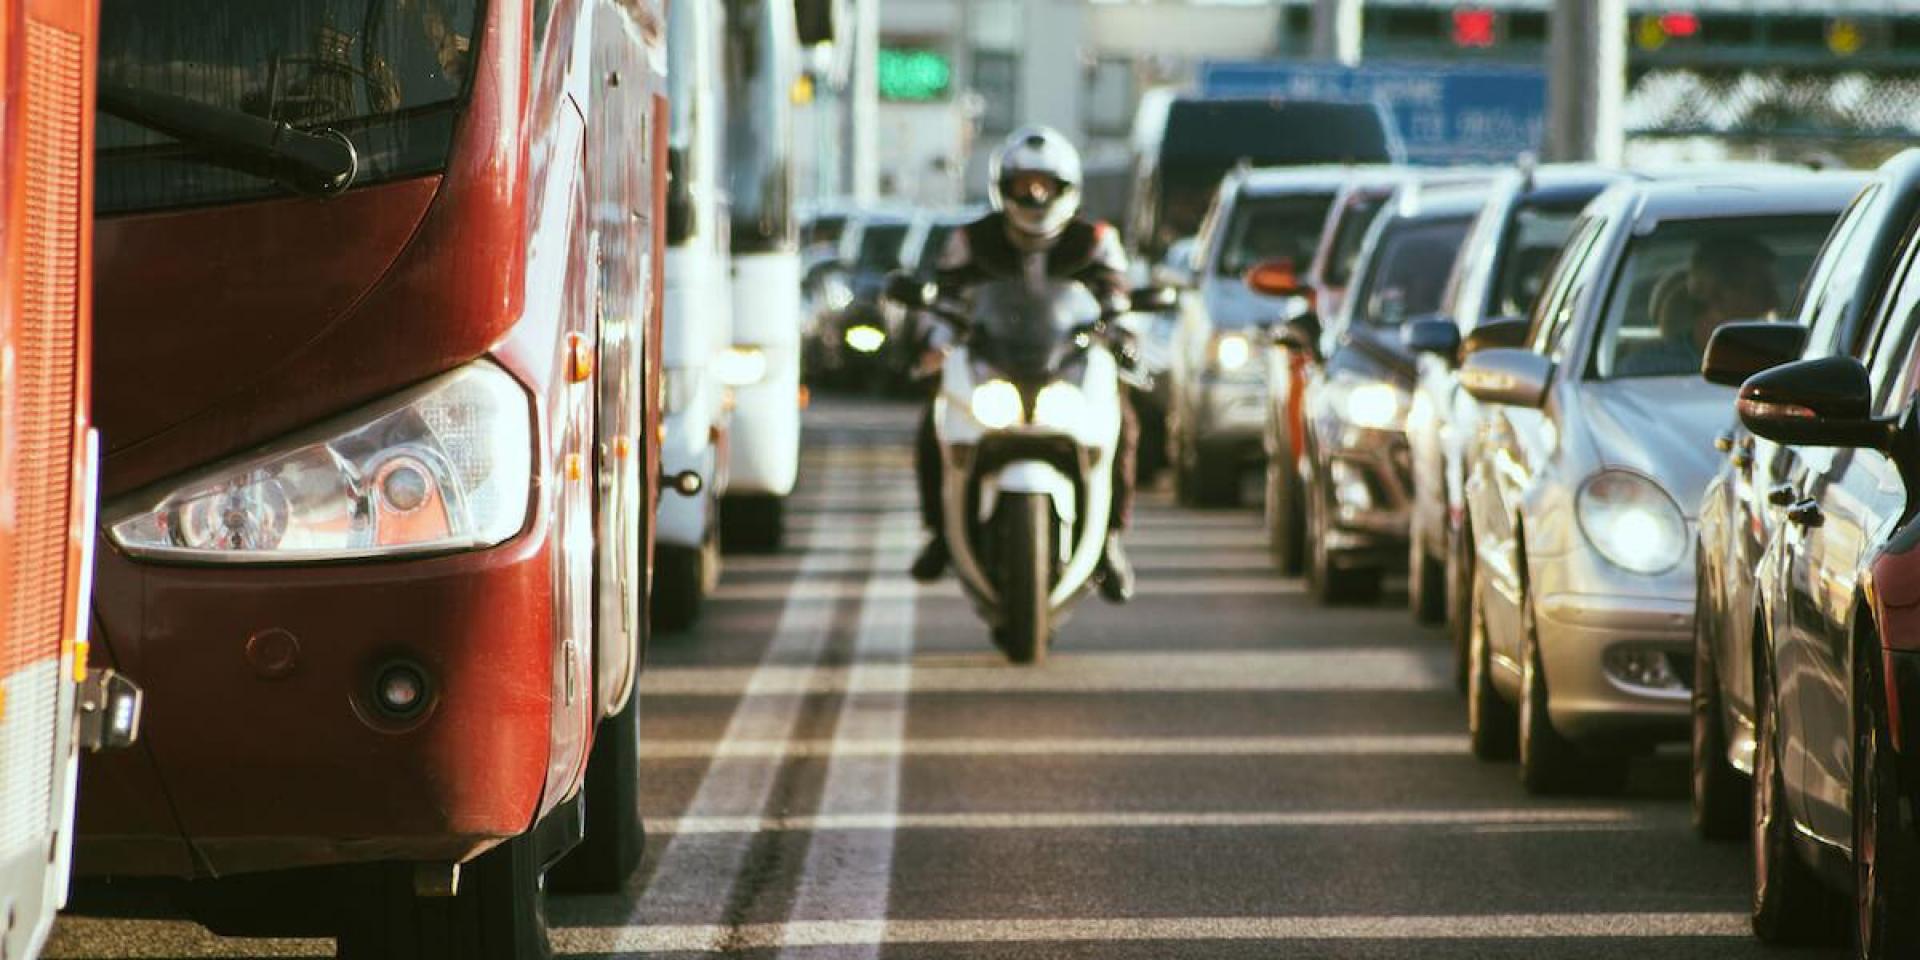 先禁國家?法國禁止車道分割,違規開罰135歐元!